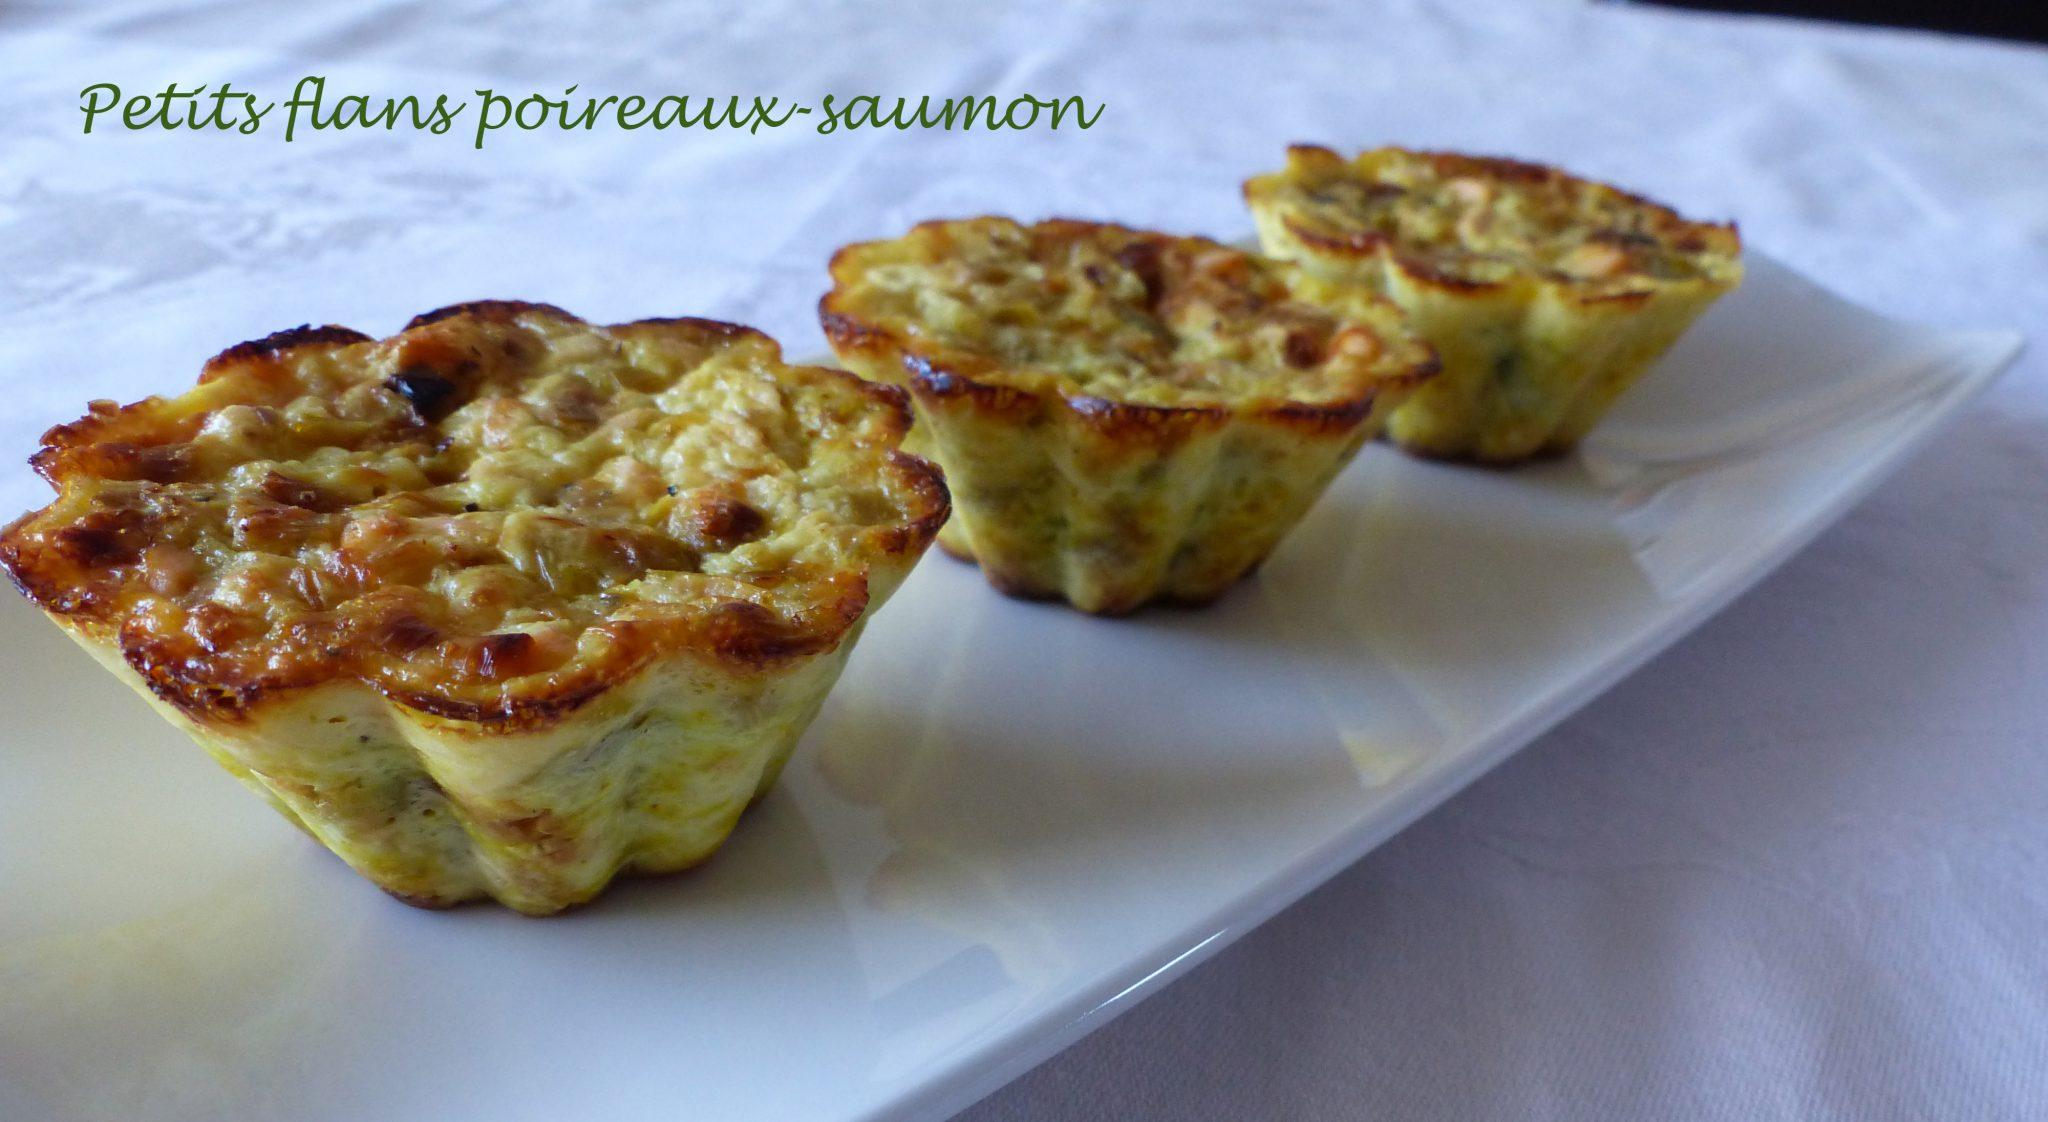 Petits flans poireaux-saumon P1060928 R